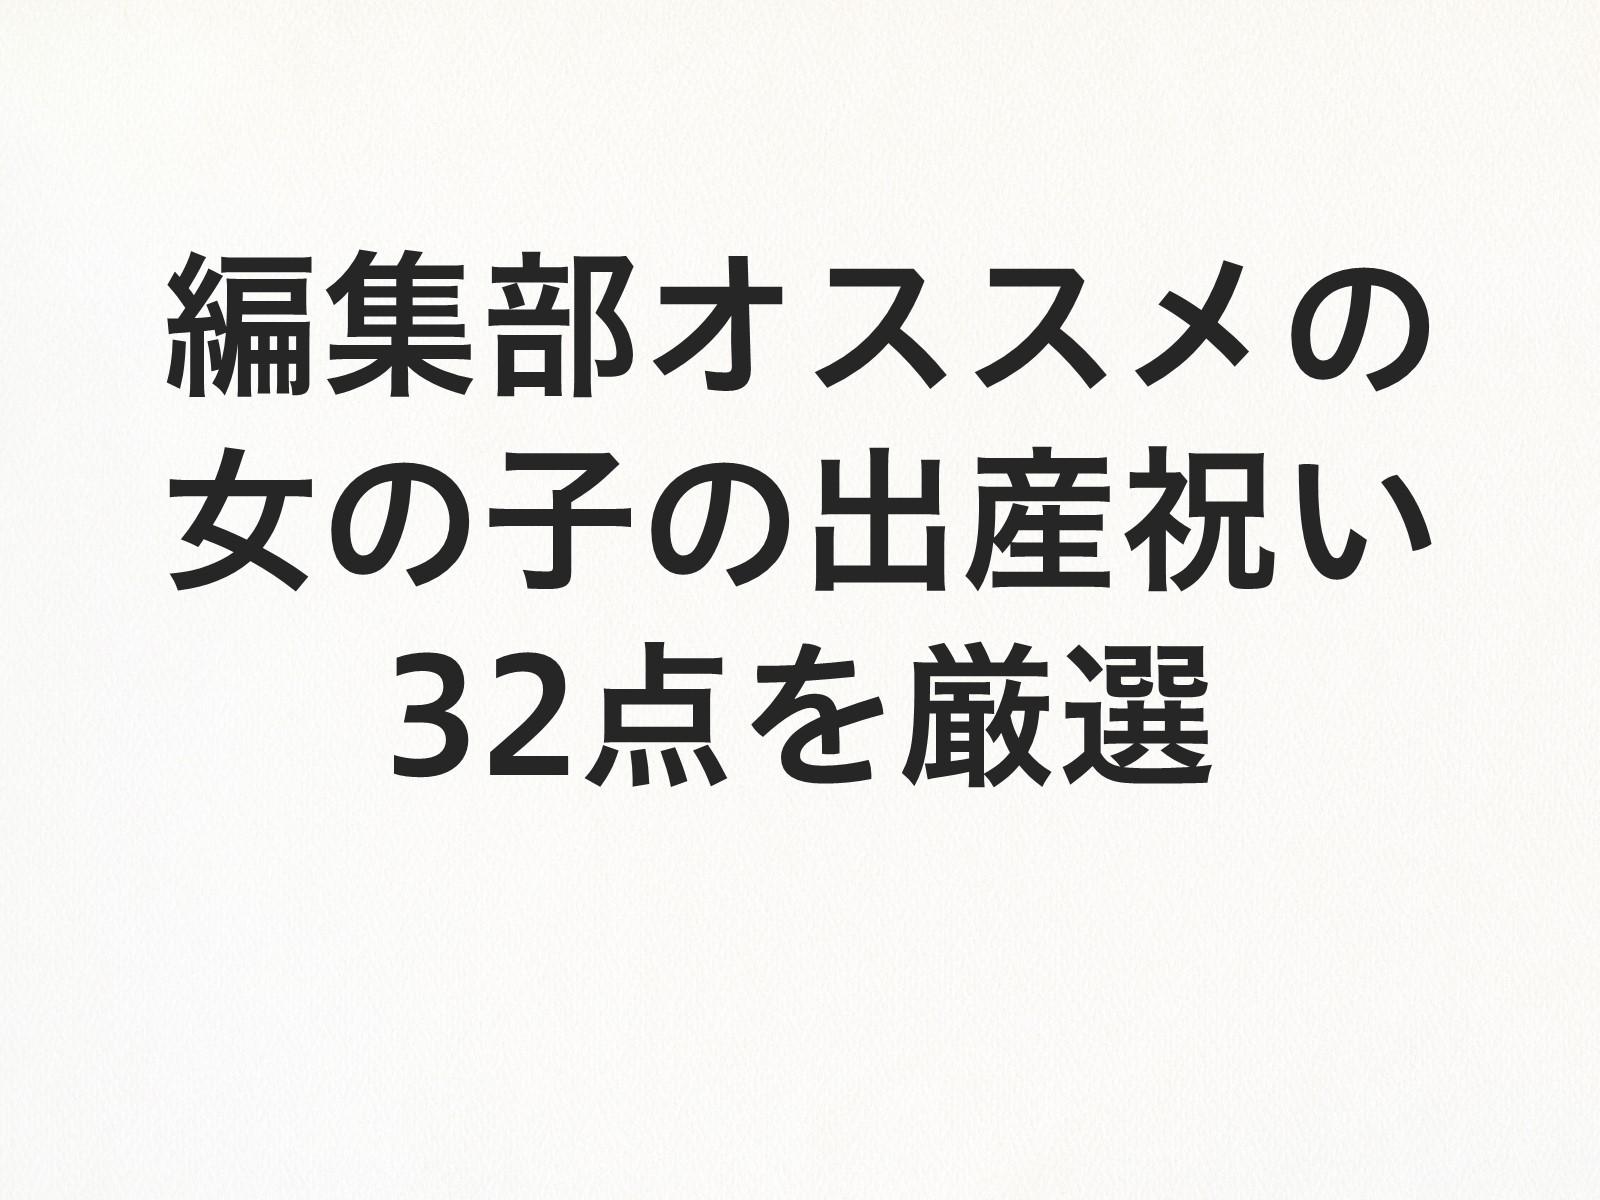 編集部オススメの女の子の出産祝い32点を厳選